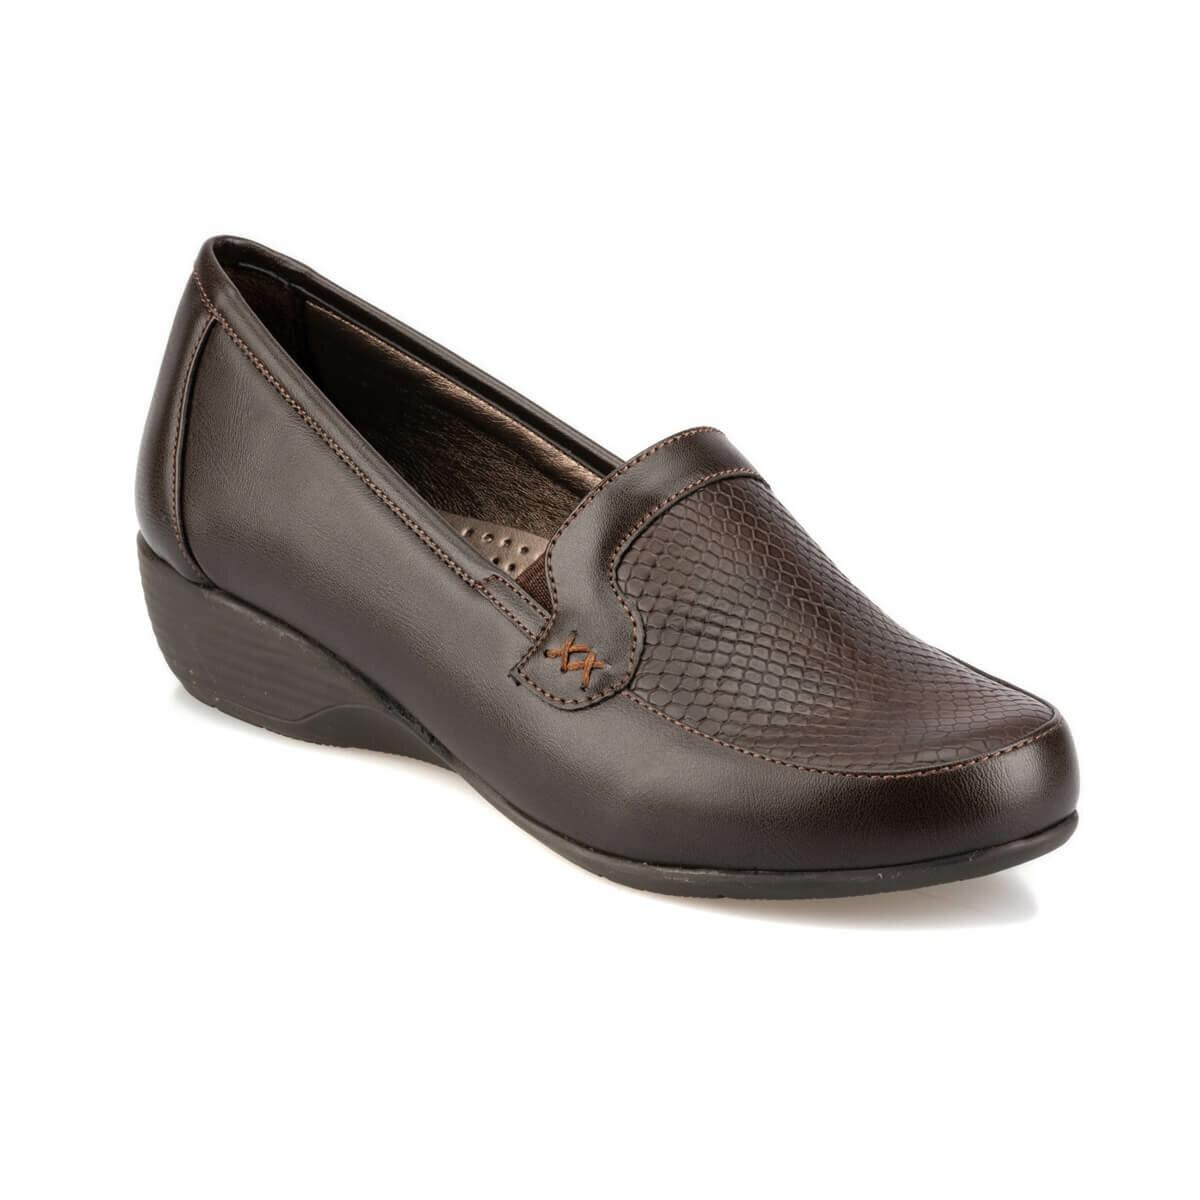 FLO 92.151024CZ Brown Women 'S Wedges Shoes Polaris